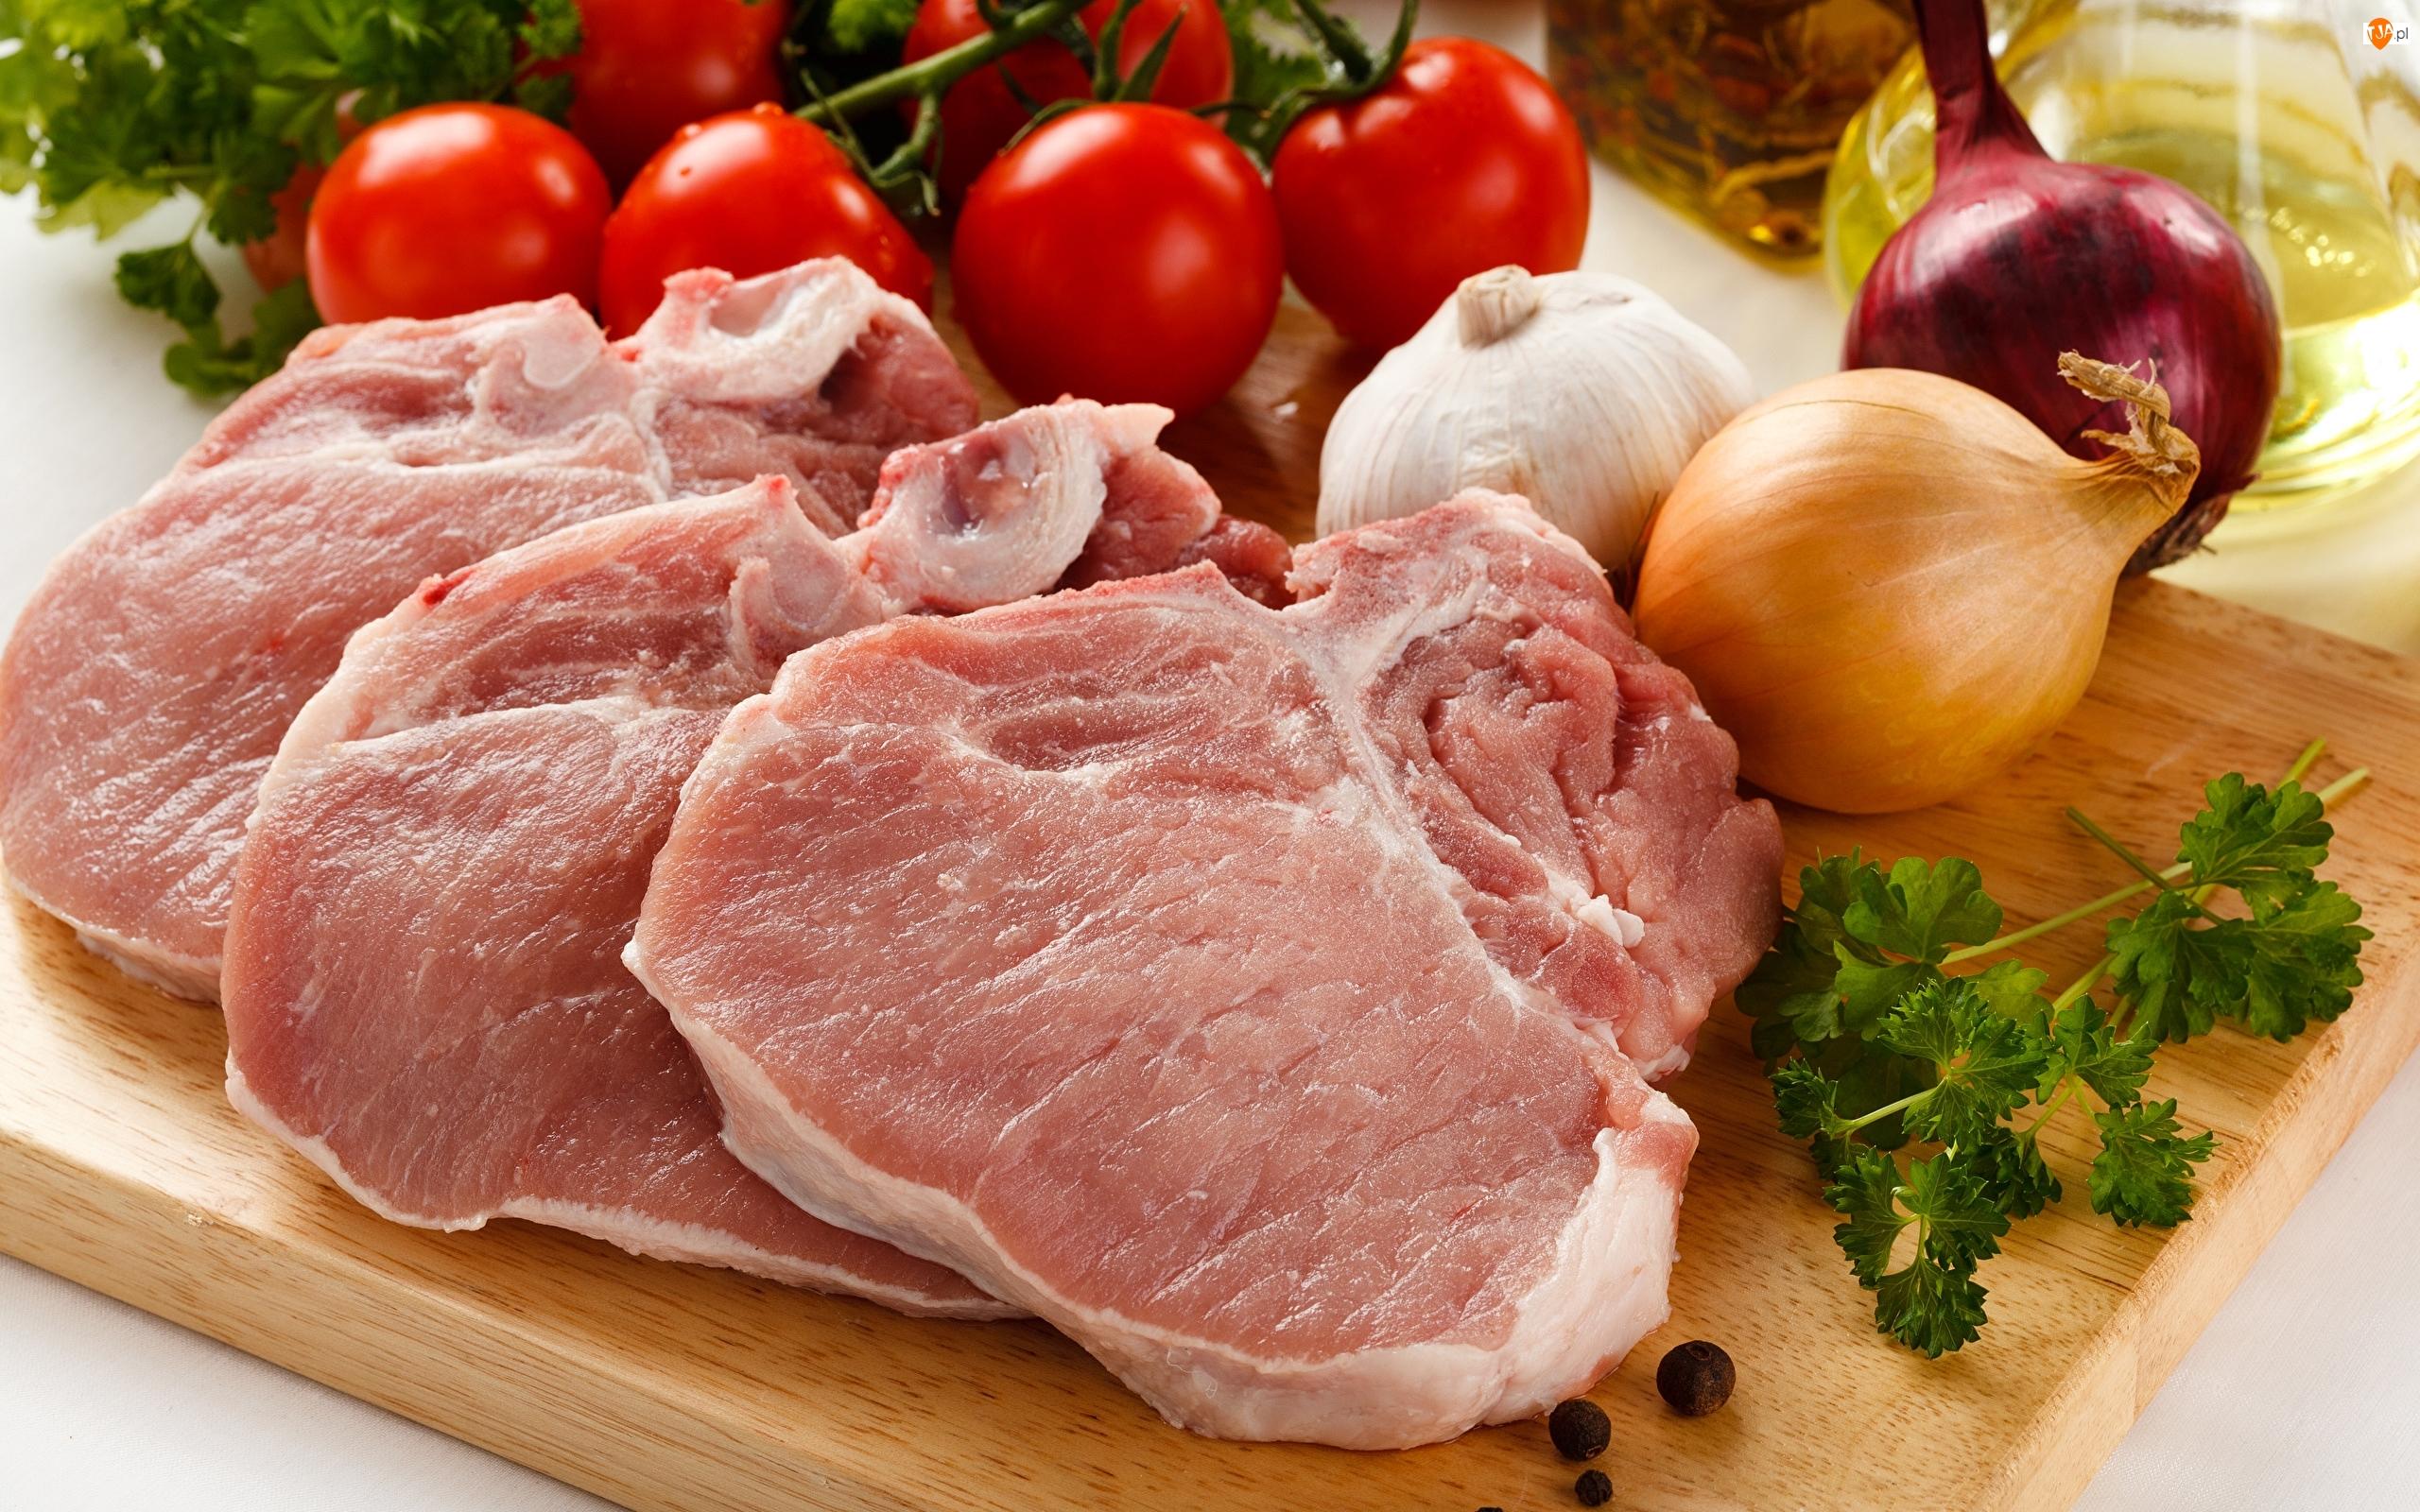 Deska, Schab, Pietruszka, Czosnek, Natka, Plastry, Cebula, Mięso, Pomidory